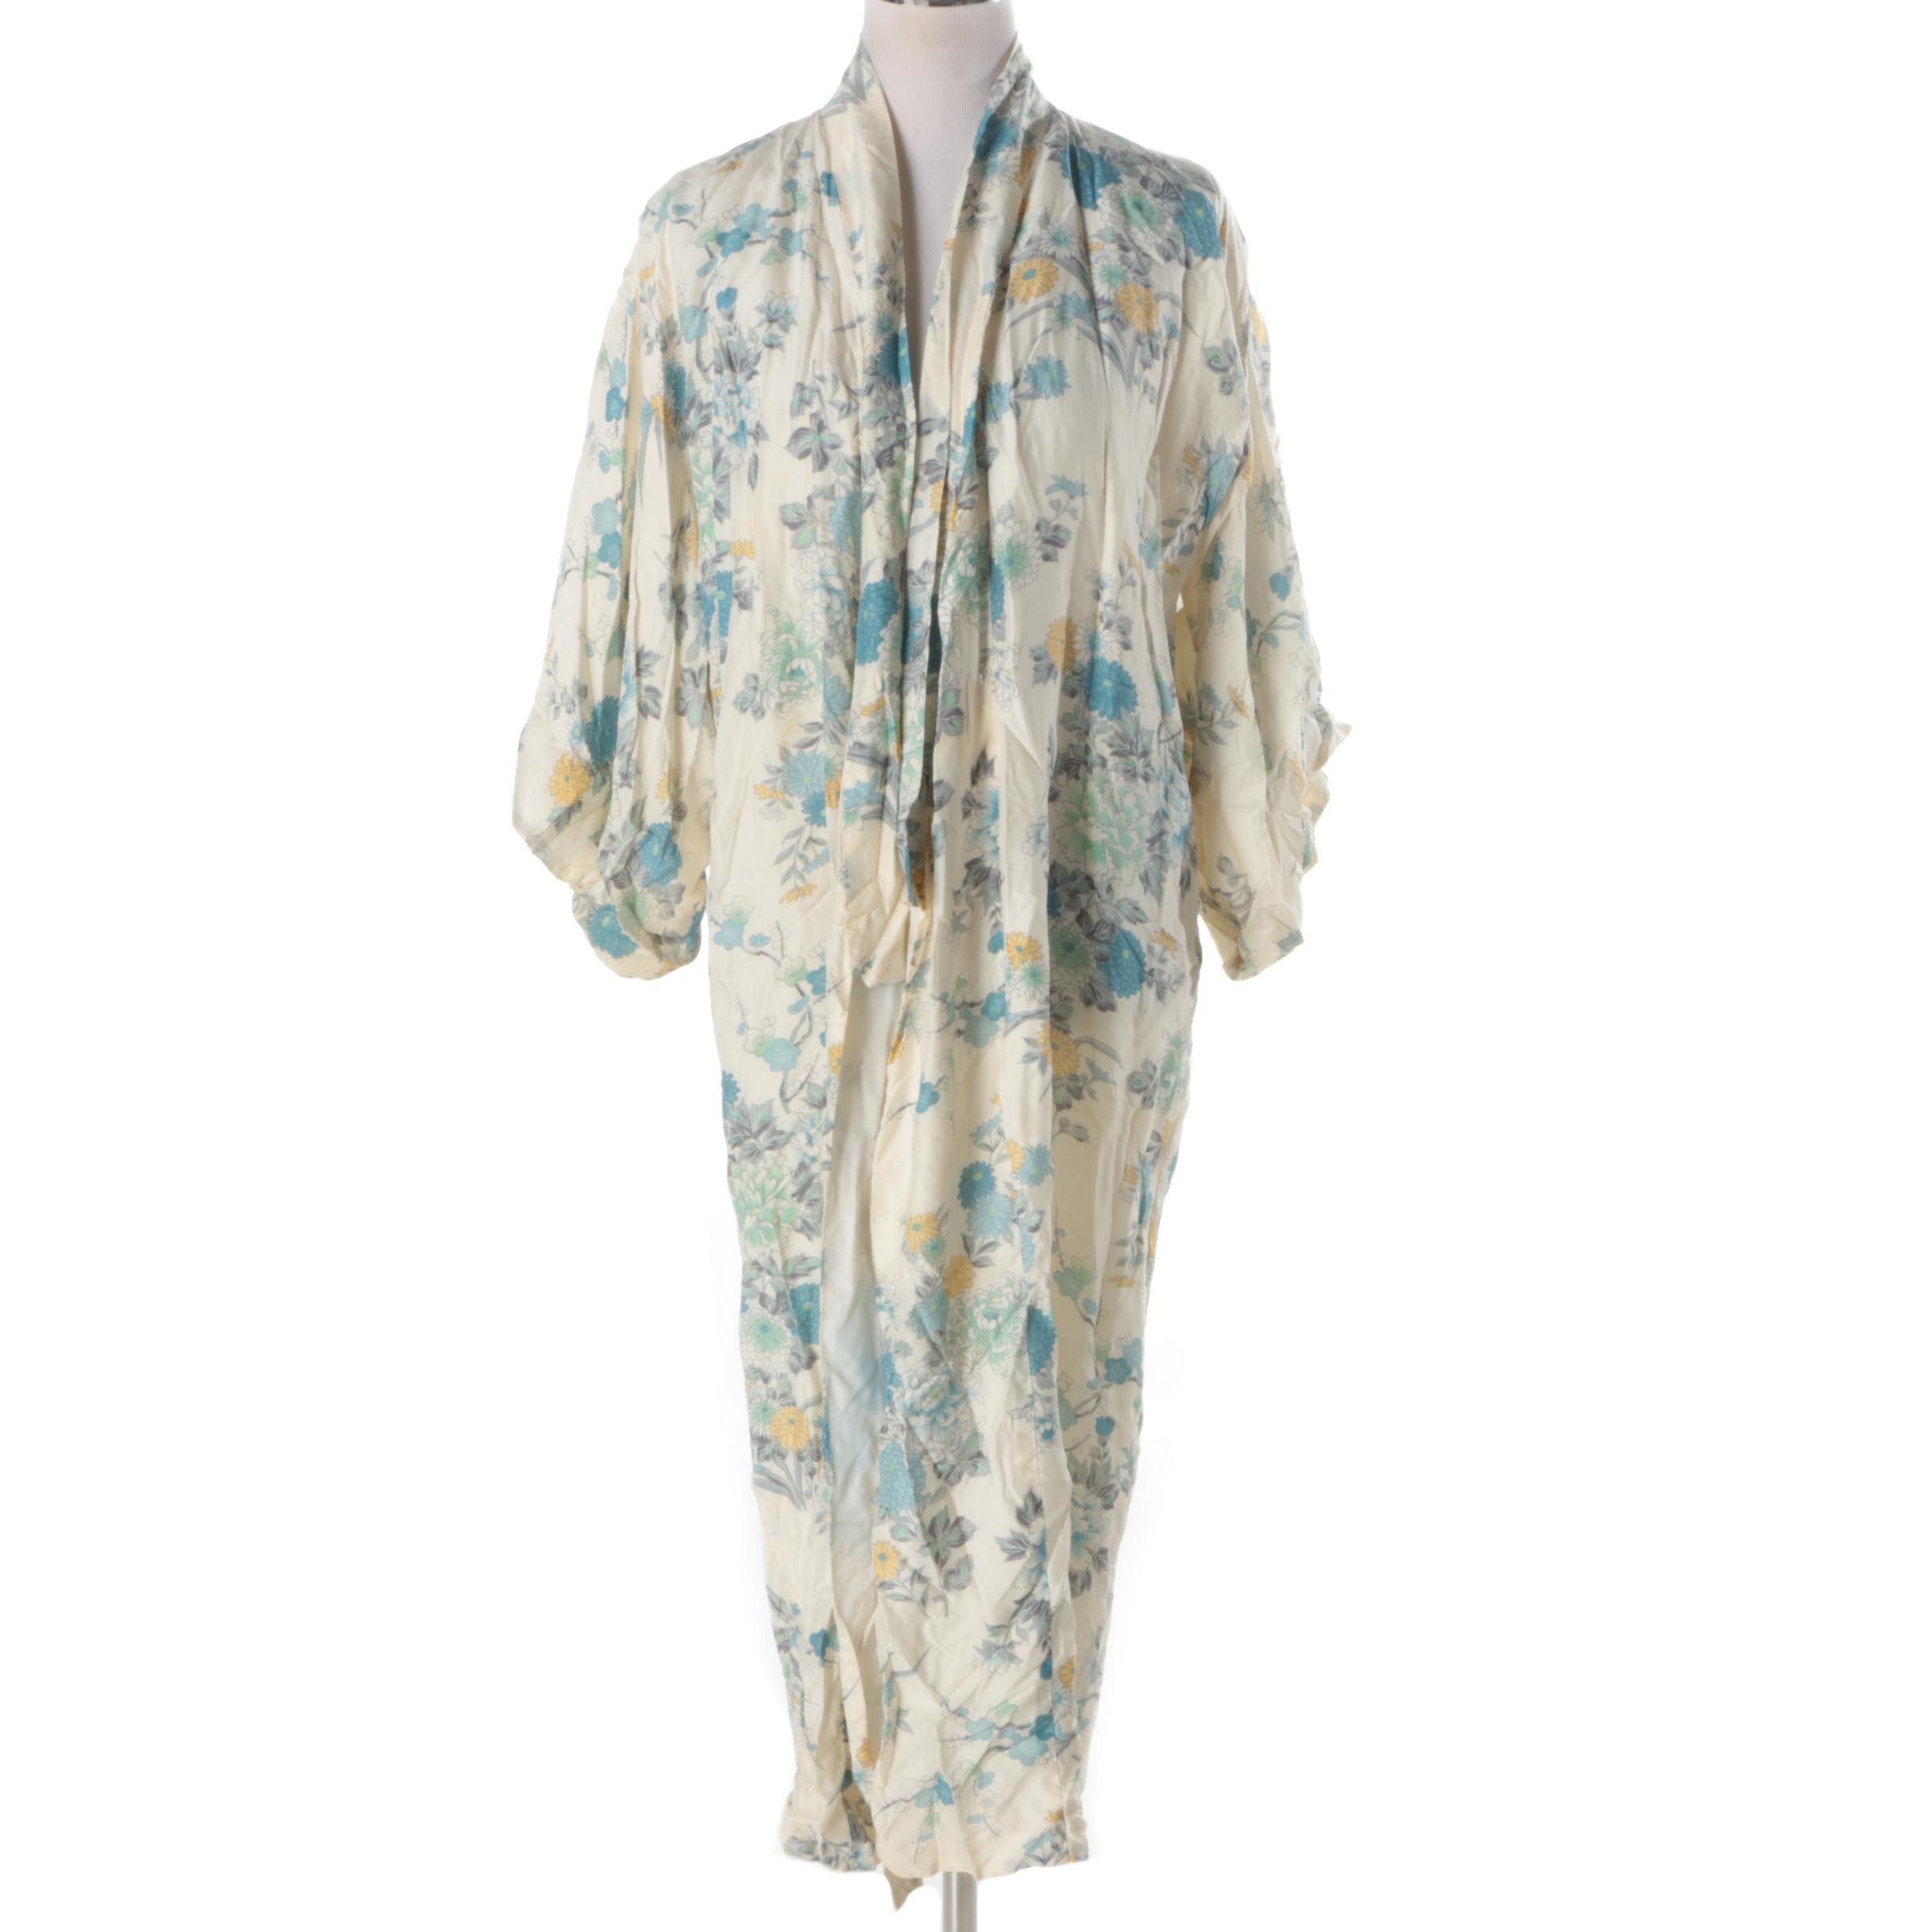 Vintage Japanese Silk Kimono Style Robe